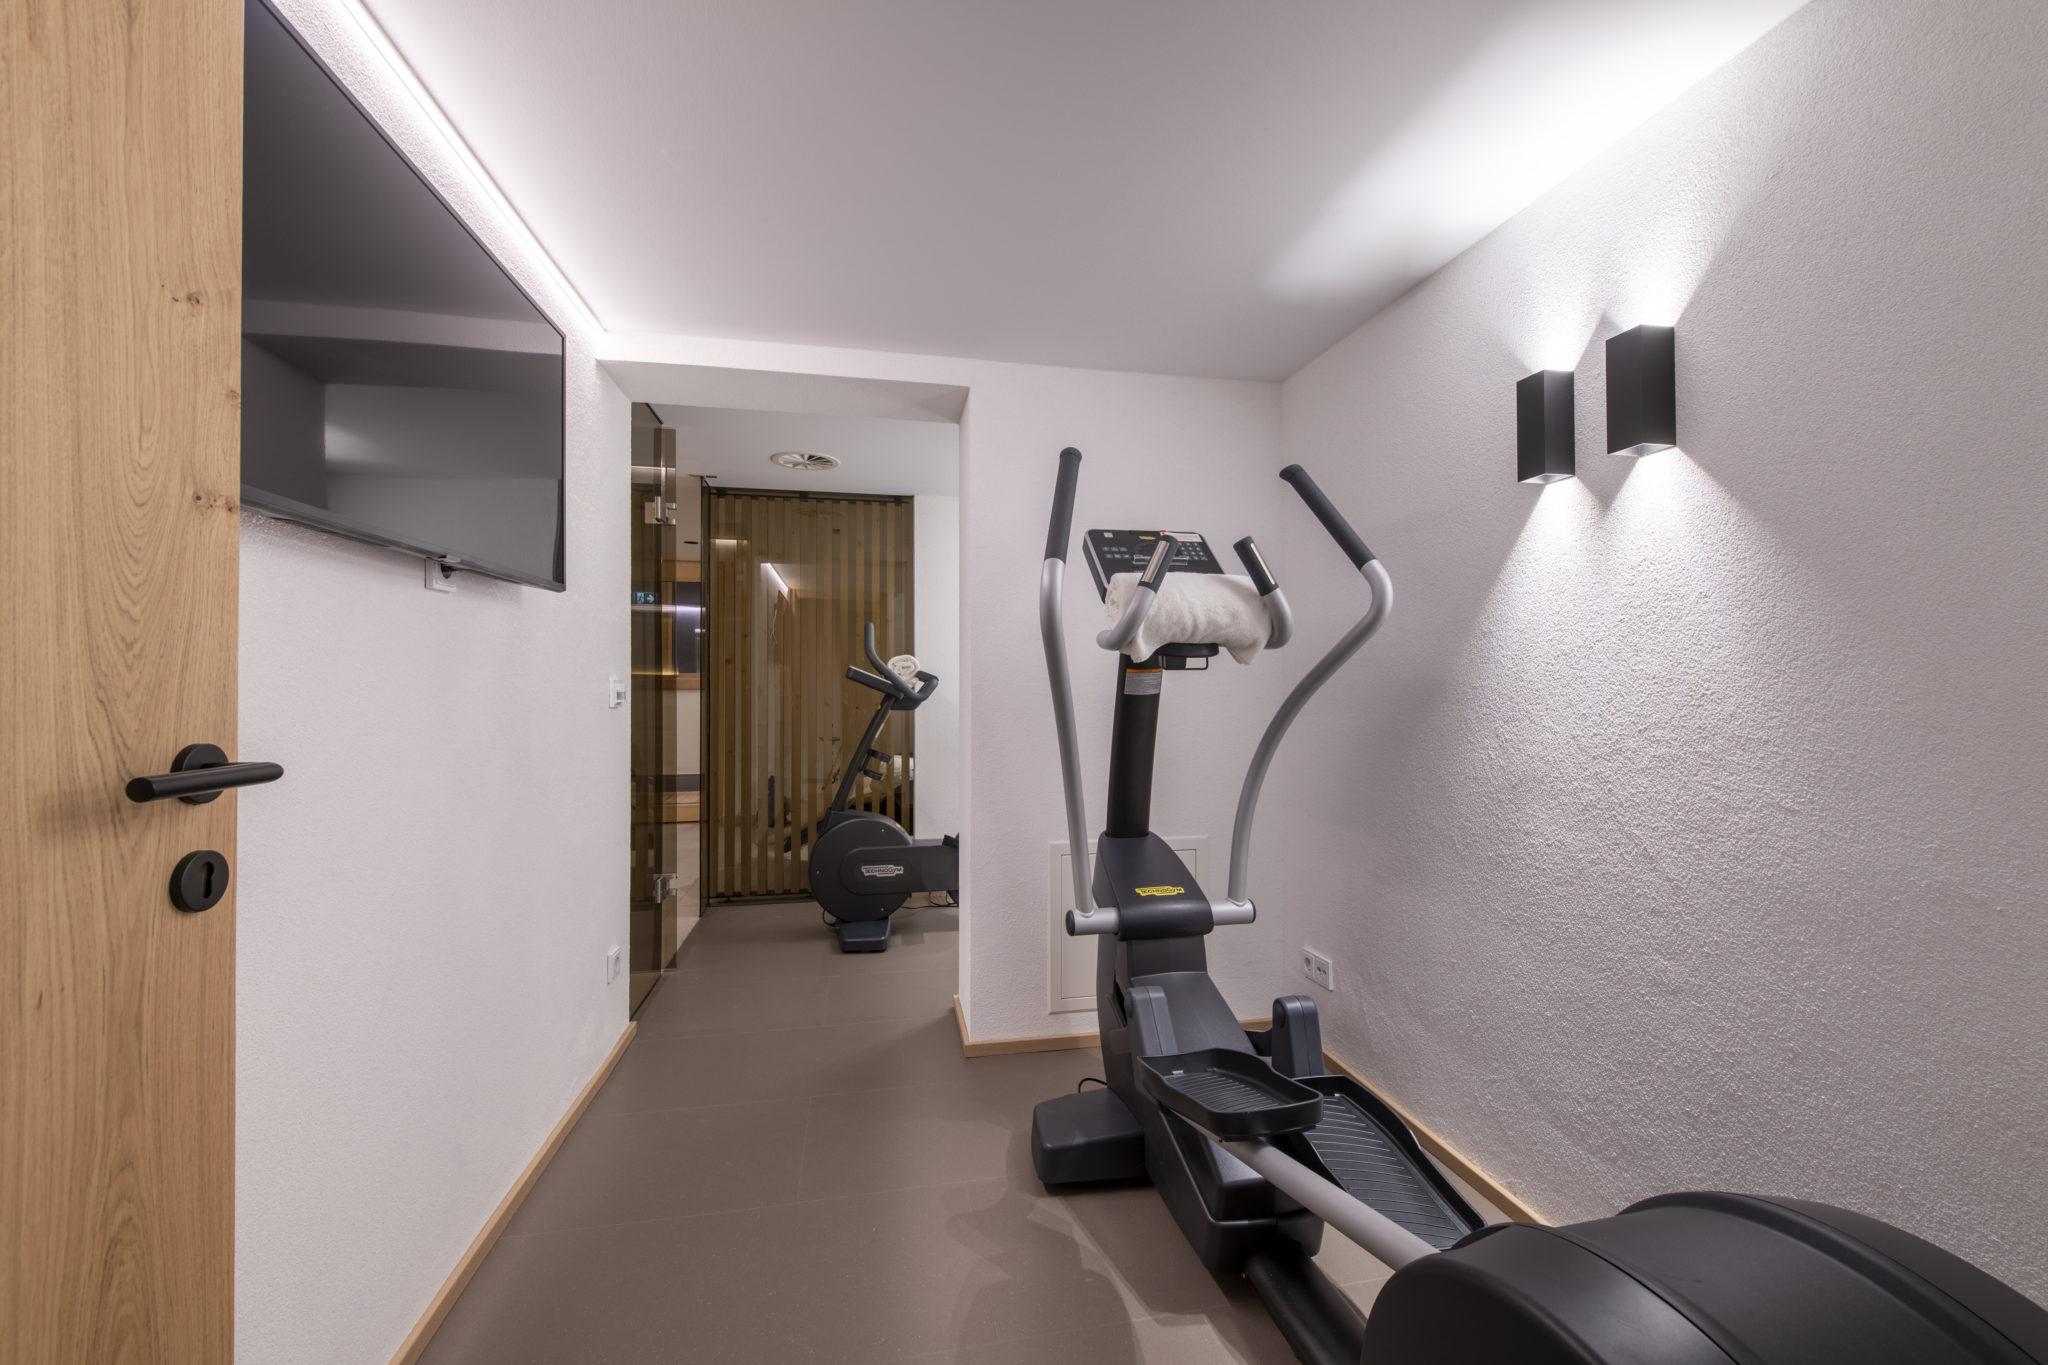 bhlhof-penthouse-11401-scaled